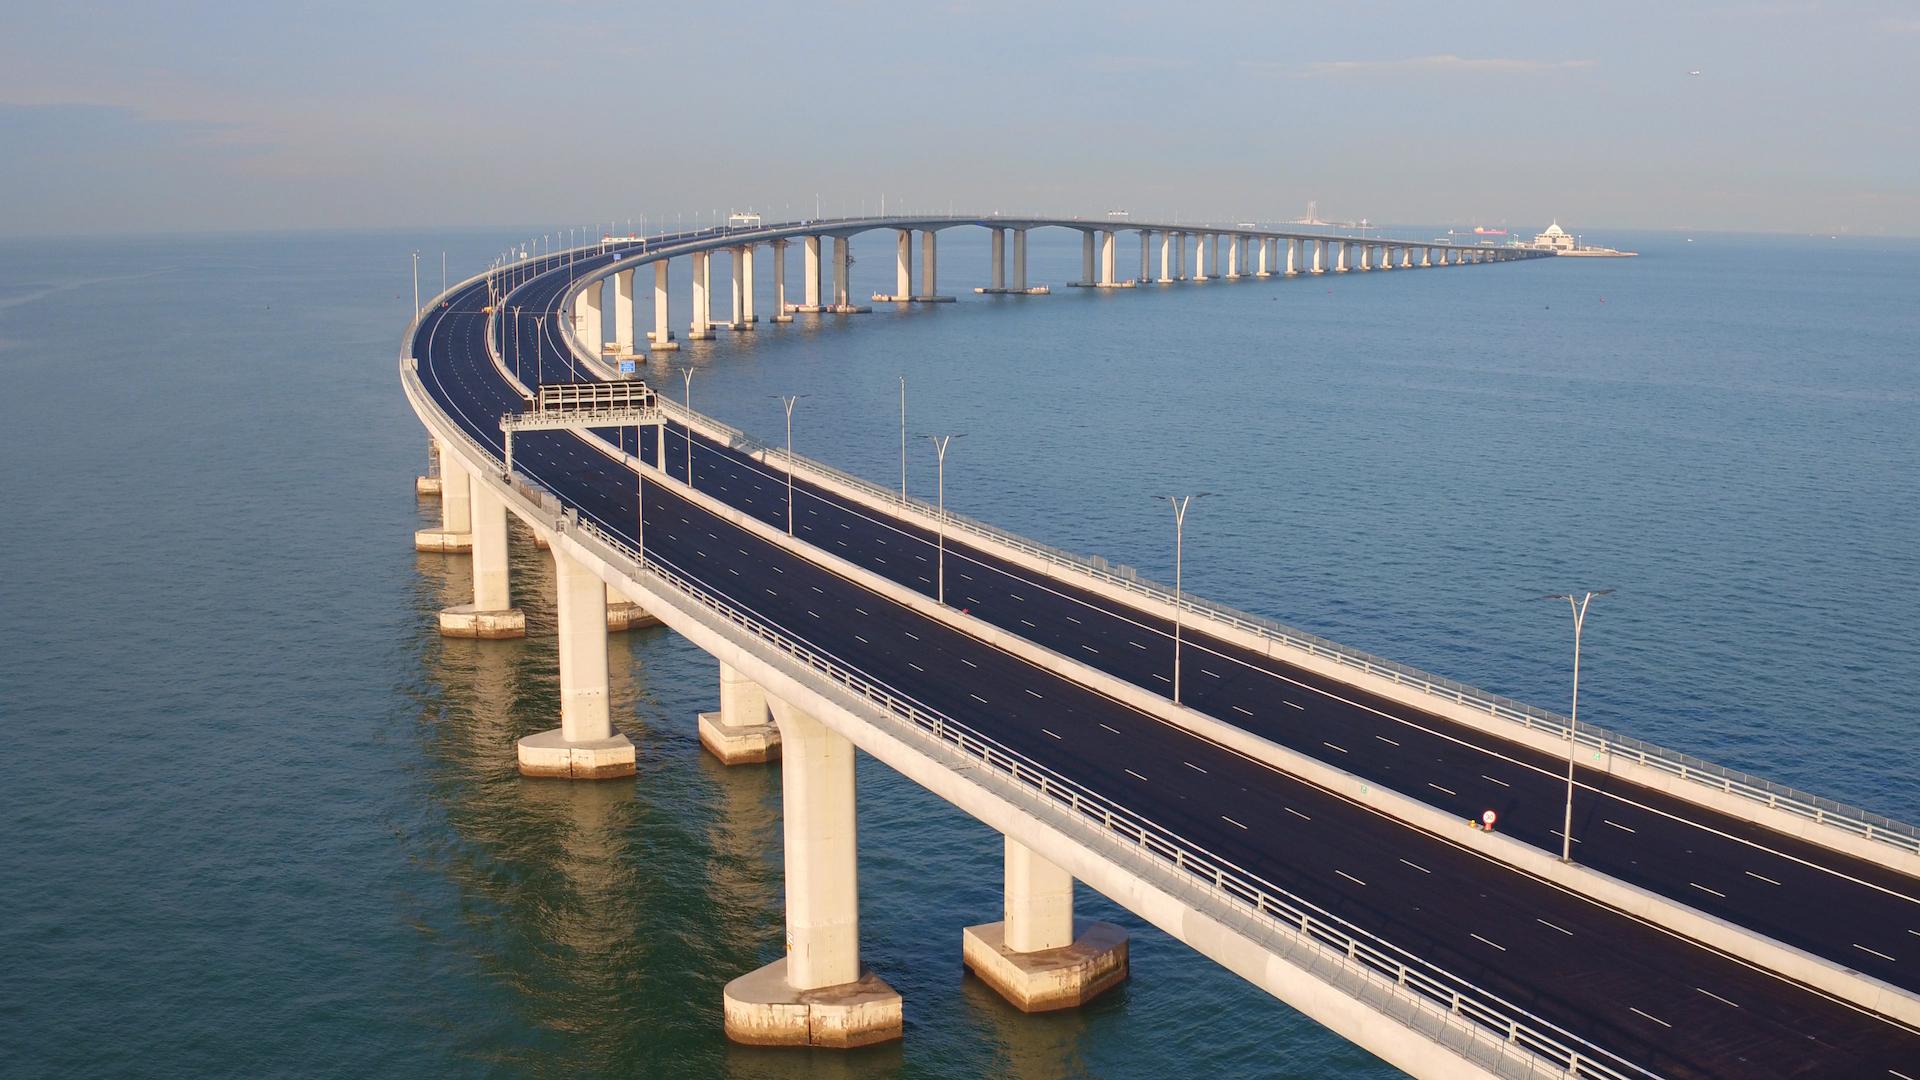 Le pont le plus long du monde reliant Hong et à la ville continentale de Zhuhai dans le Guangdong a été inauguré le 24 octobre 2018. (Source : Travel Weekly)